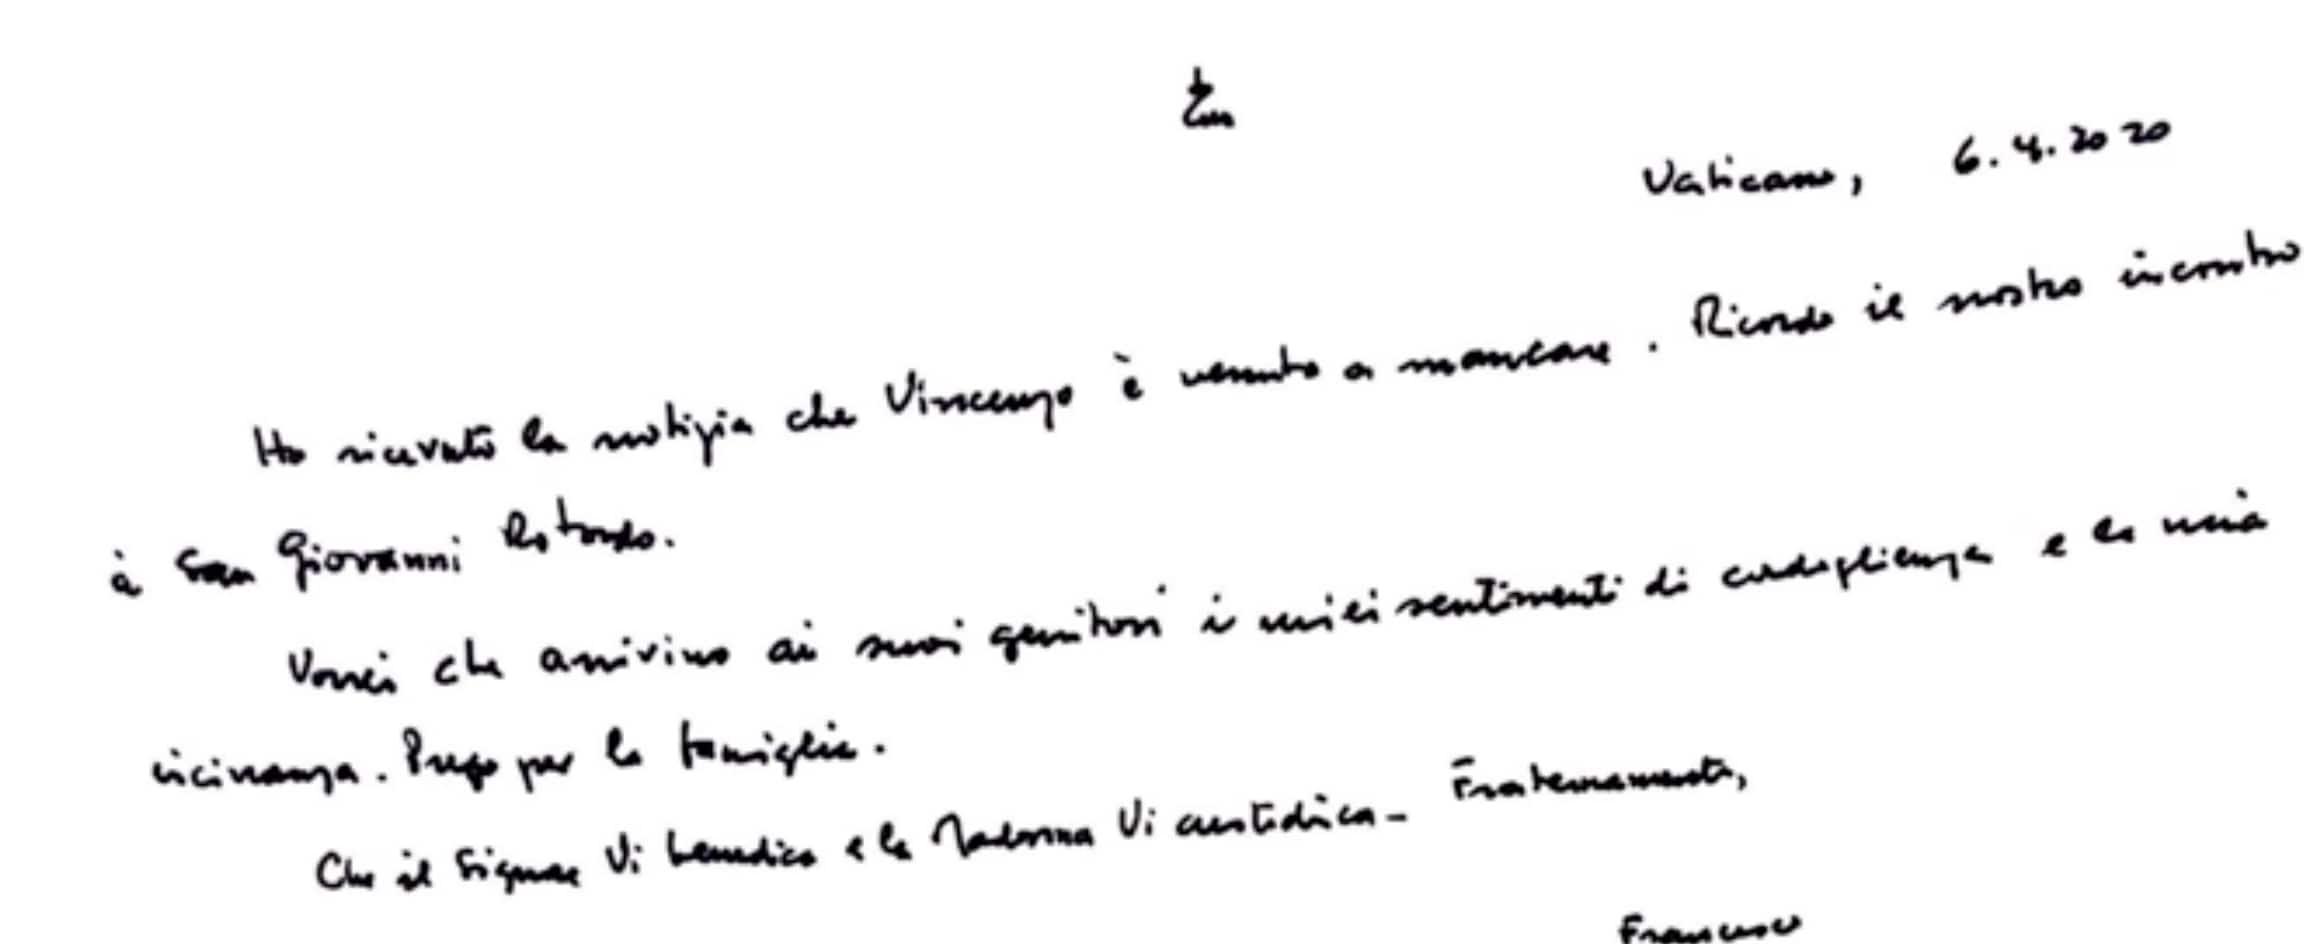 Lettre du pape François à la famille de Vincenzo